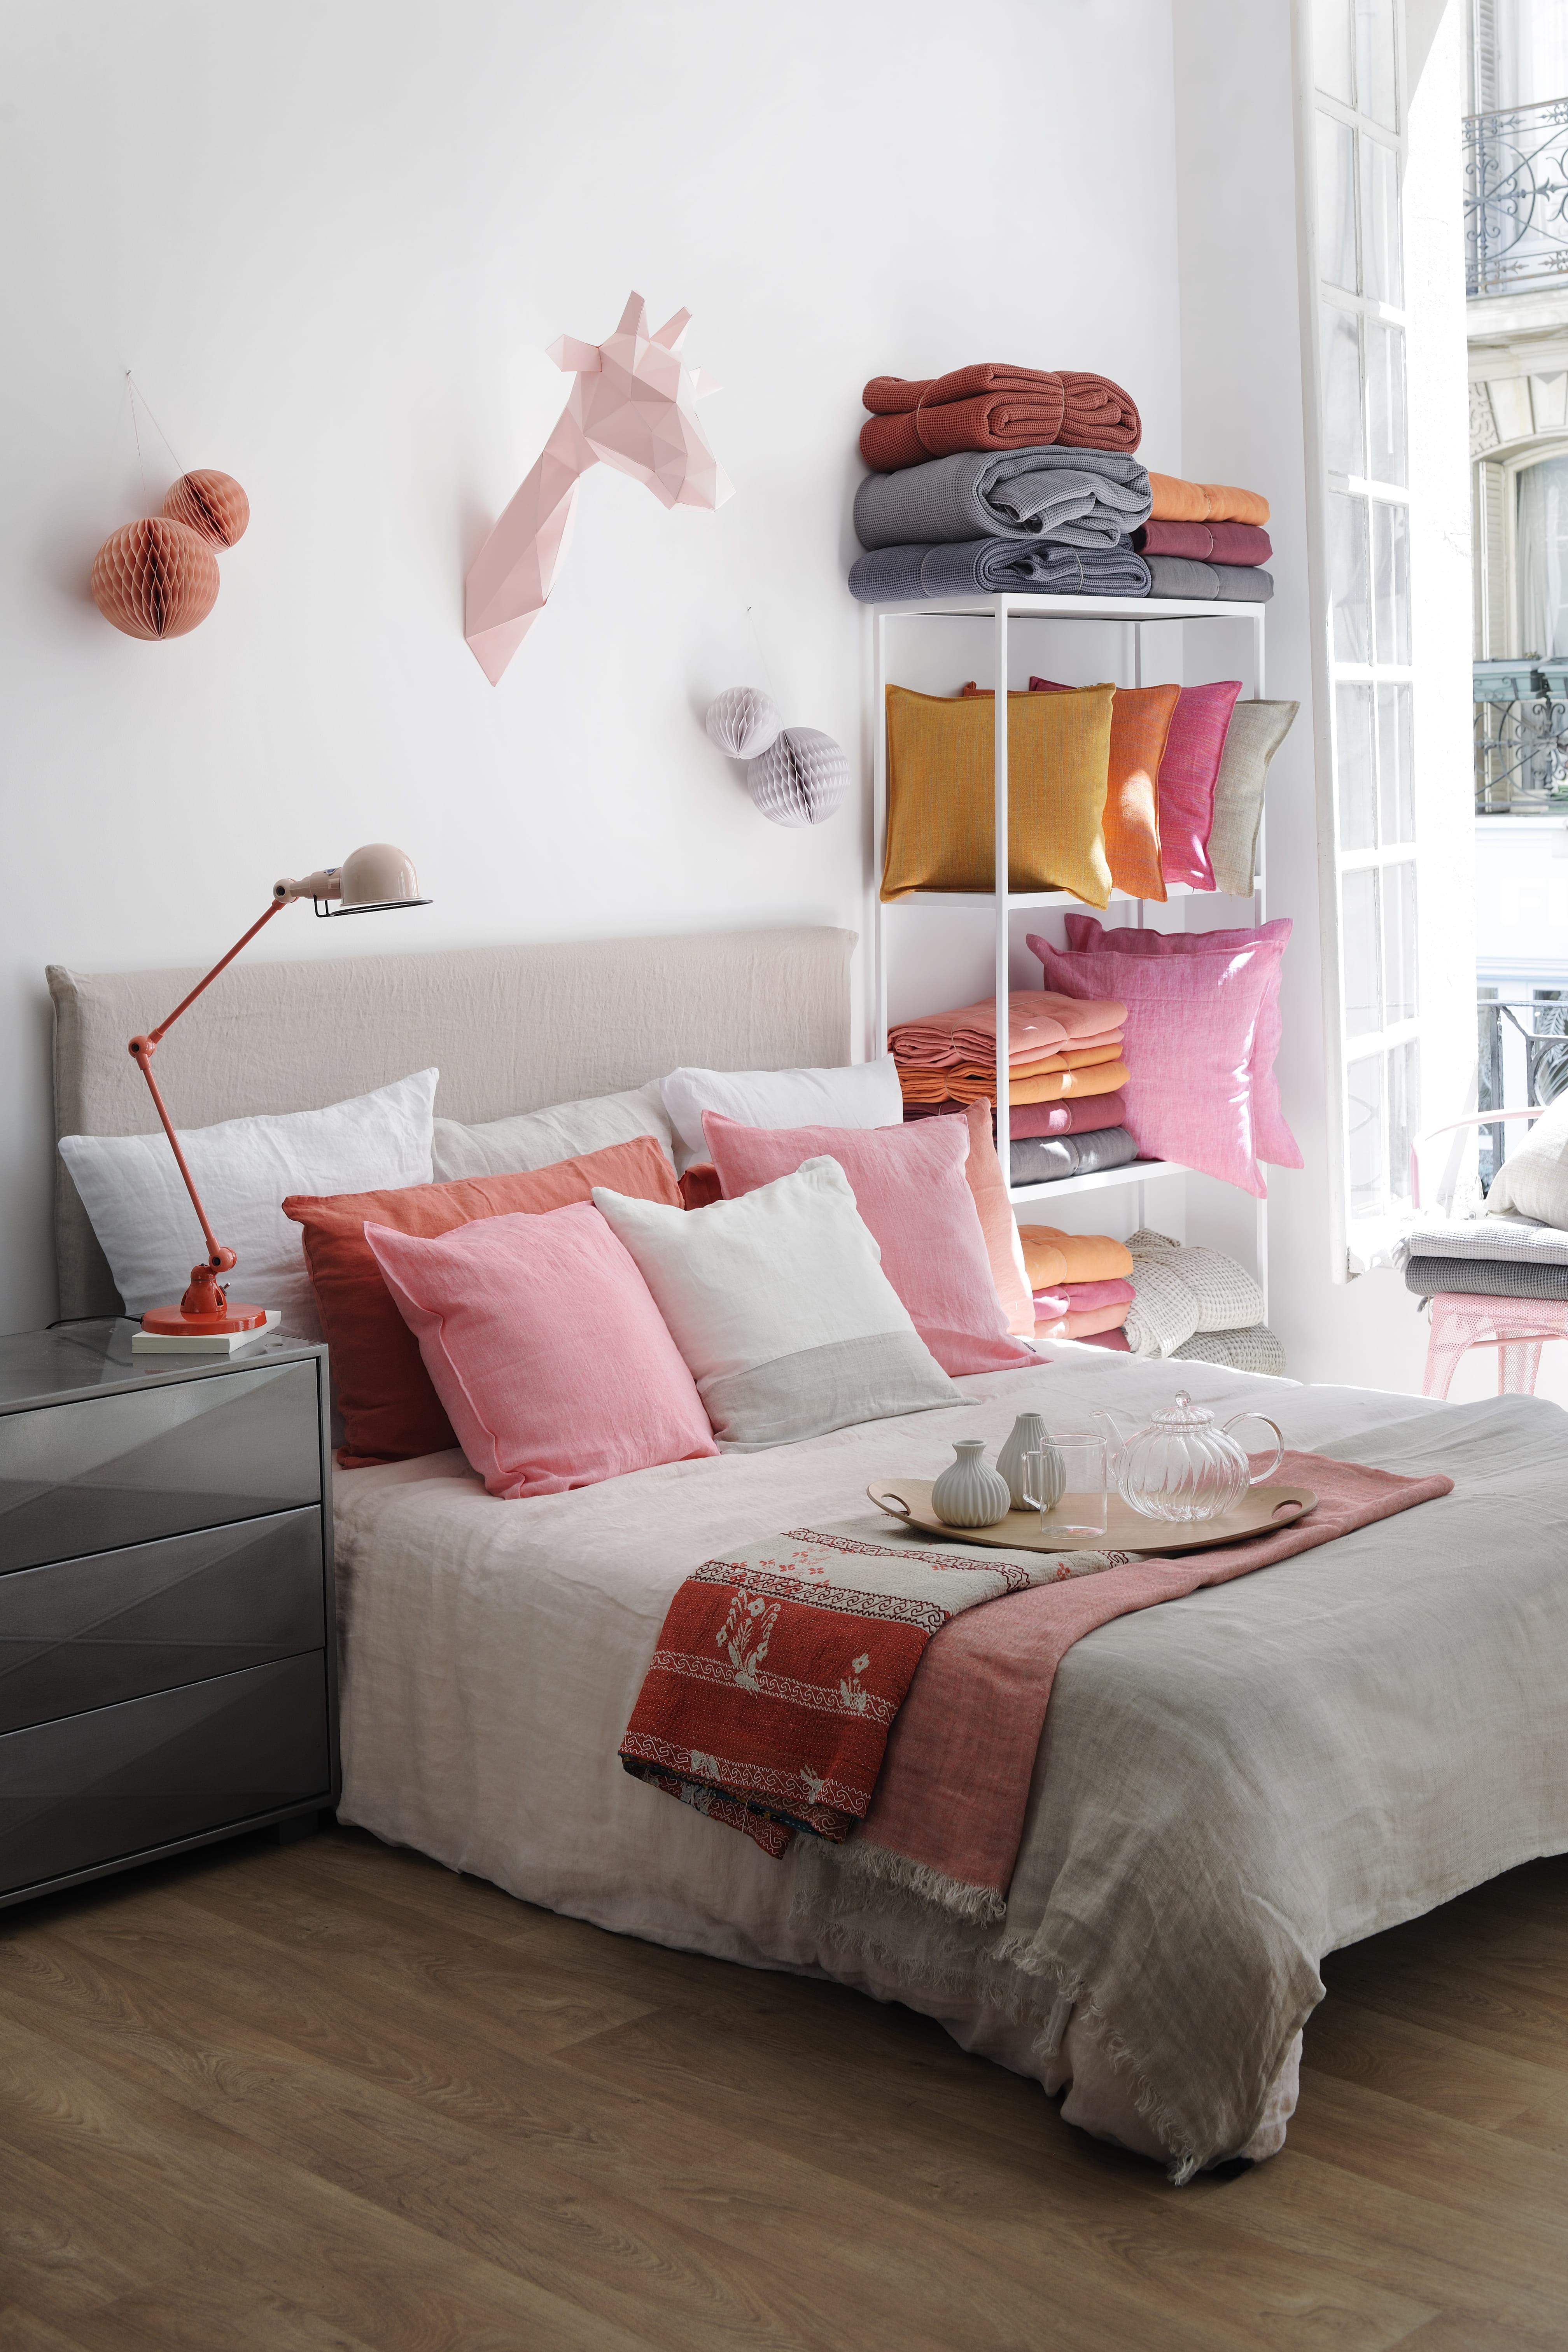 parure de lit en lin rose et taupe chez fleux 39 17 parures de lit pour se lover dans le lin. Black Bedroom Furniture Sets. Home Design Ideas